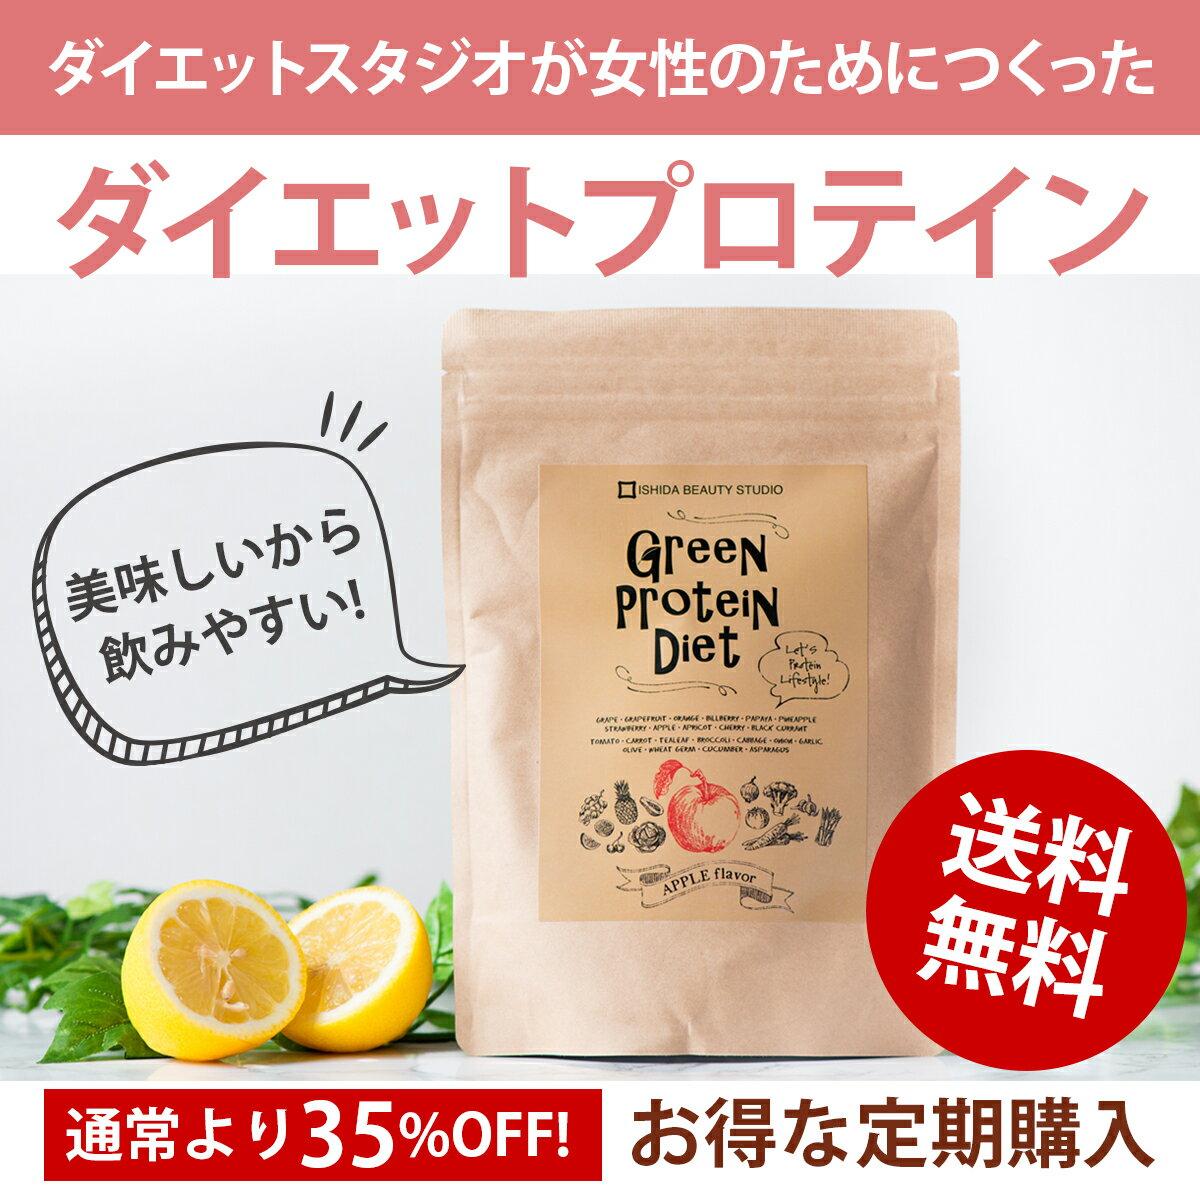 【送料無料 定期購入】酵素&青汁&ソイプロテイン&美容サプリ配合カタボリックなダイエットはもうやめよう、1袋 約8日分